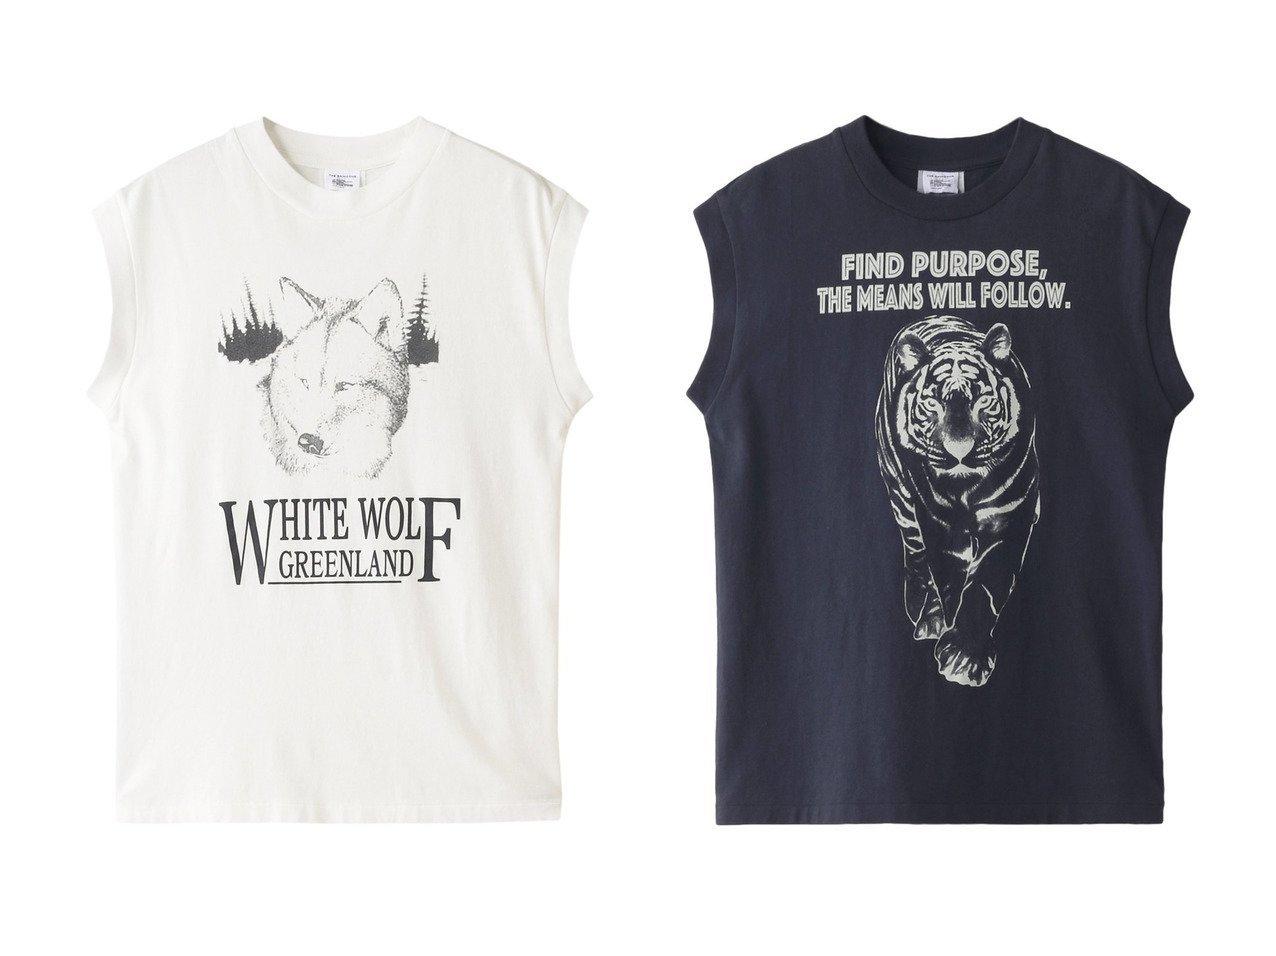 【Shinzone/シンゾーン】のタイガープリントタンクトップ&WHITE WOLF タンクトップ 【トップス・カットソー】おすすめ!人気、トレンド・レディースファッションの通販 おすすめで人気の流行・トレンド、ファッションの通販商品 メンズファッション・キッズファッション・インテリア・家具・レディースファッション・服の通販 founy(ファニー) https://founy.com/ ファッション Fashion レディースファッション WOMEN トップス・カットソー Tops/Tshirt キャミソール / ノースリーブ No Sleeves シャツ/ブラウス Shirts/Blouses ロング / Tシャツ T-Shirts カットソー Cut and Sewn キャミソール コンパクト シンプル タンク トレンド ボトム マキシ モチーフ サマー スリム プリント 無地  ID:crp329100000033775